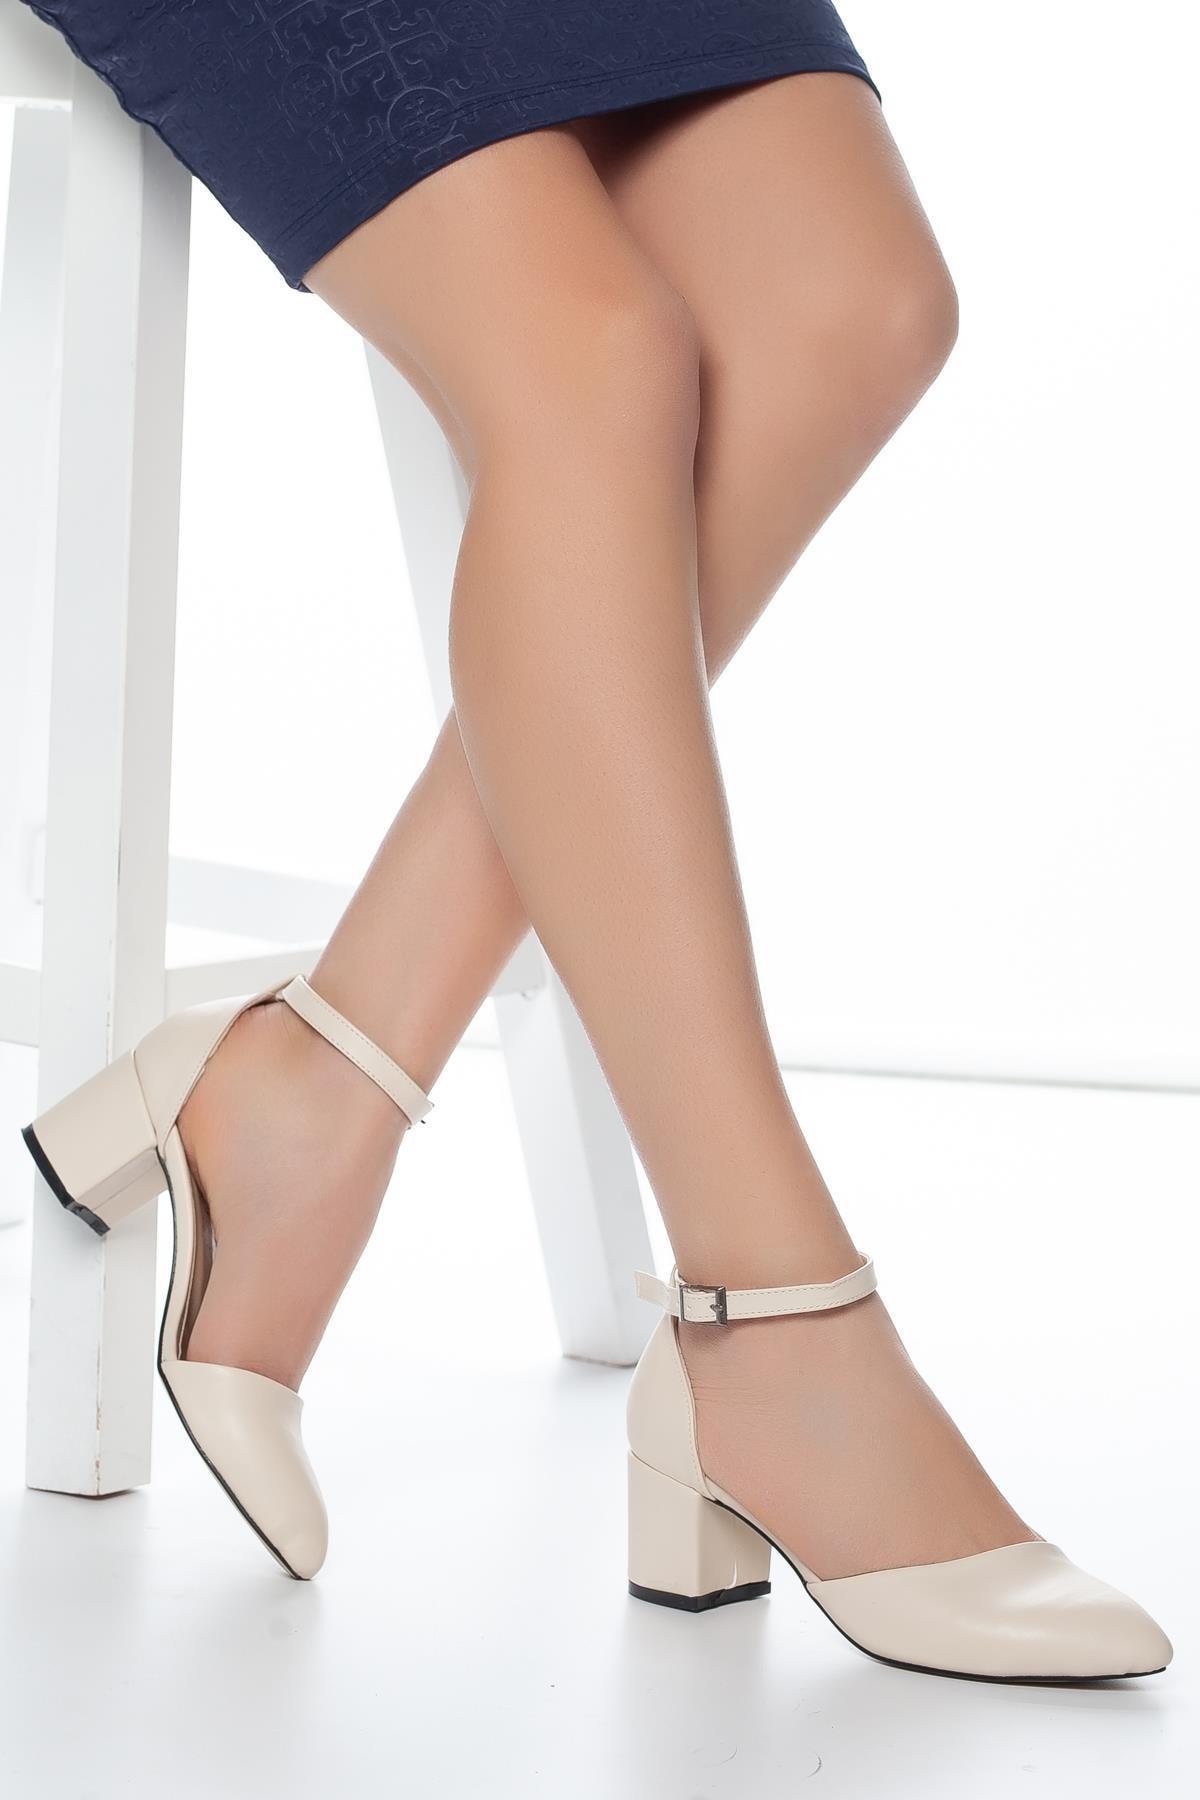 MUGGO Krem Kadın Klasik Topuklu Ayakkabı DPRGZHWD708